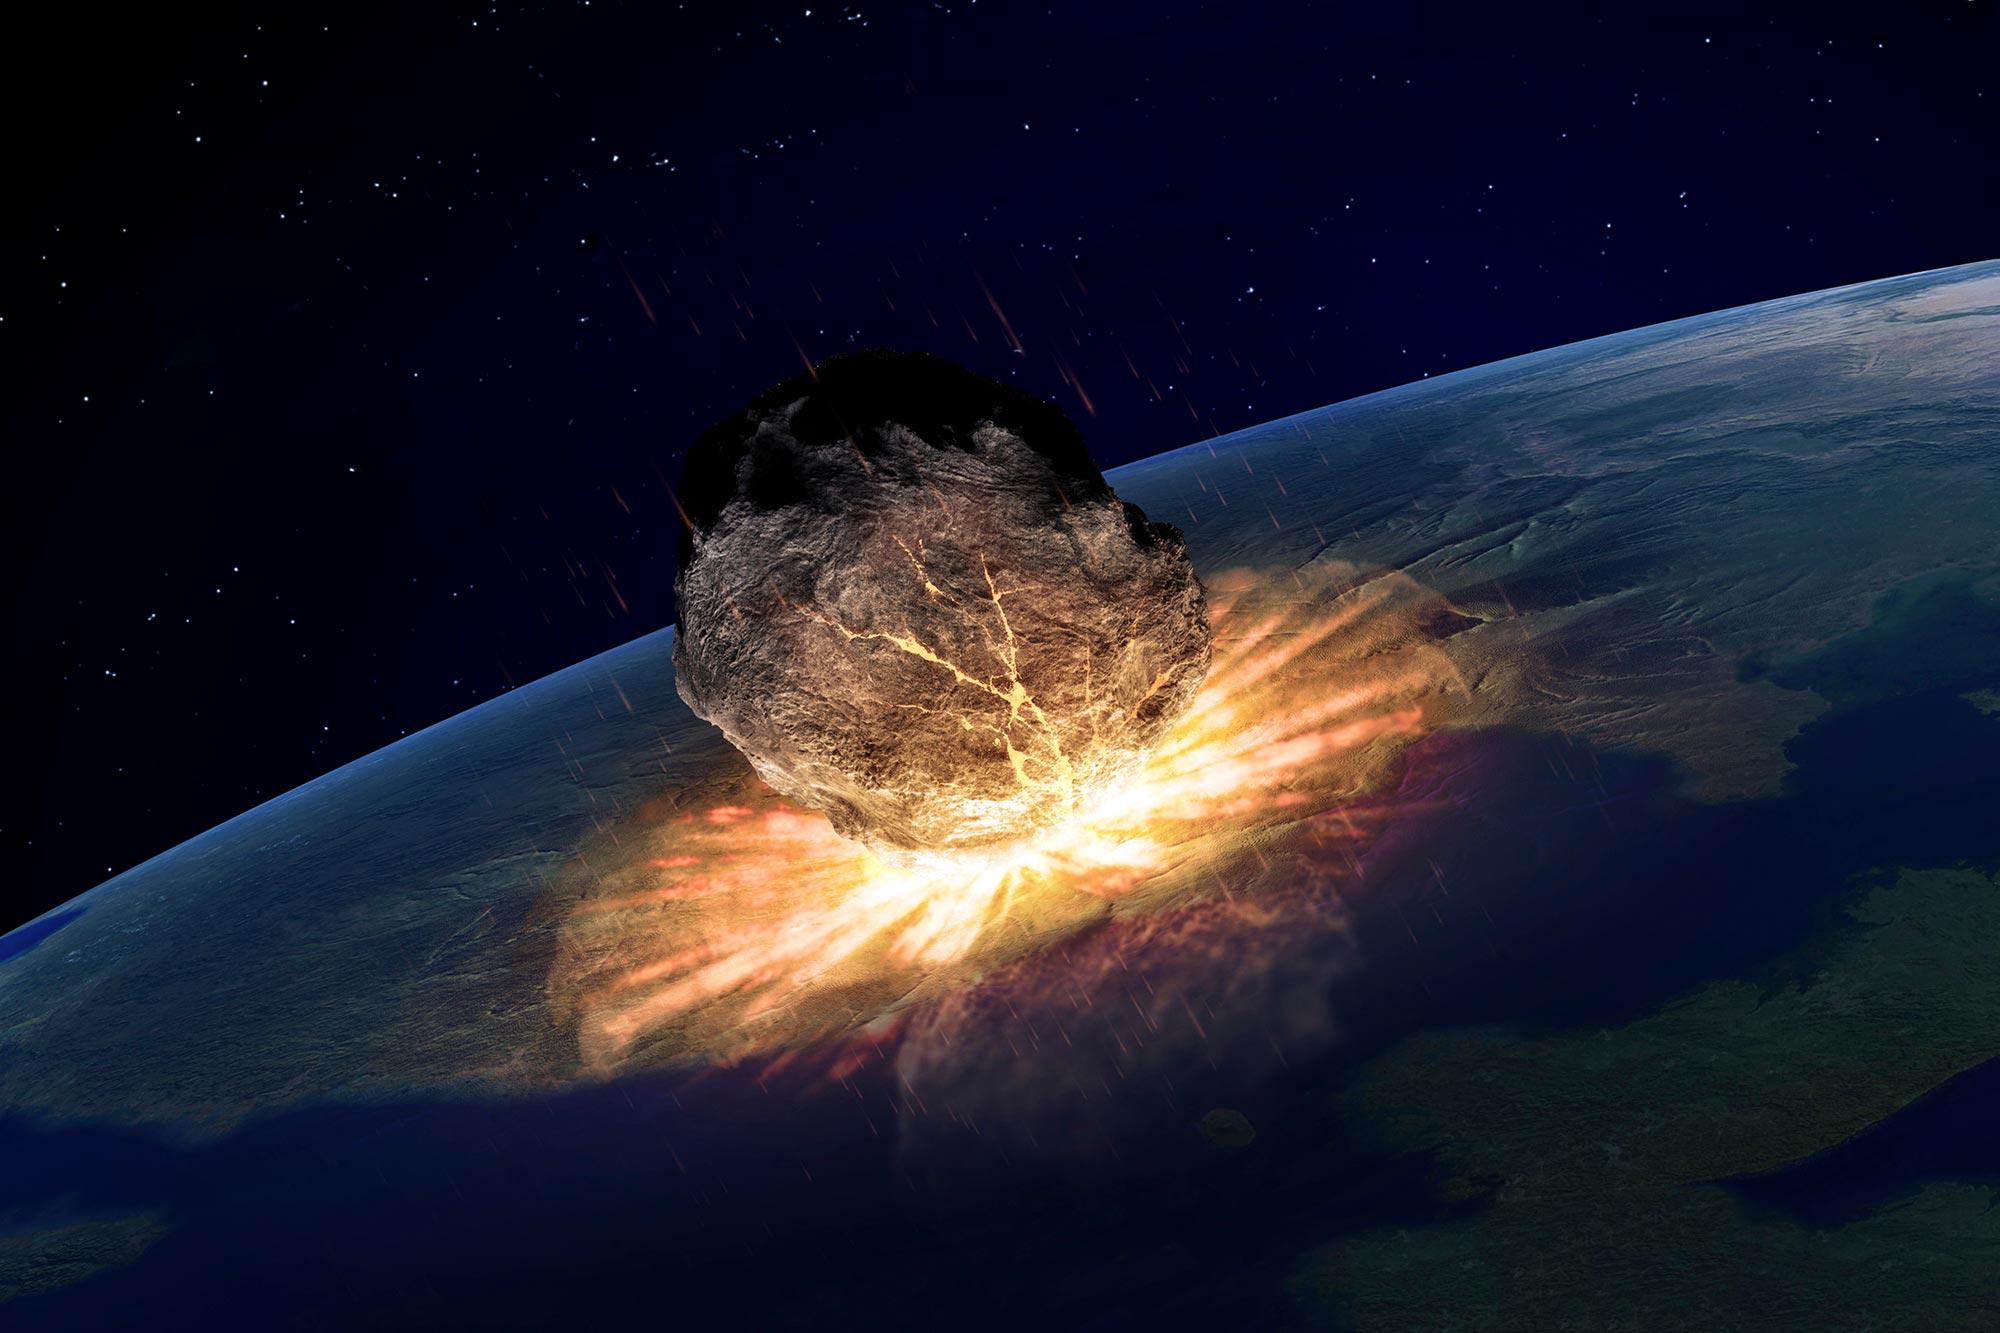 ضرب الكويكب الأرض